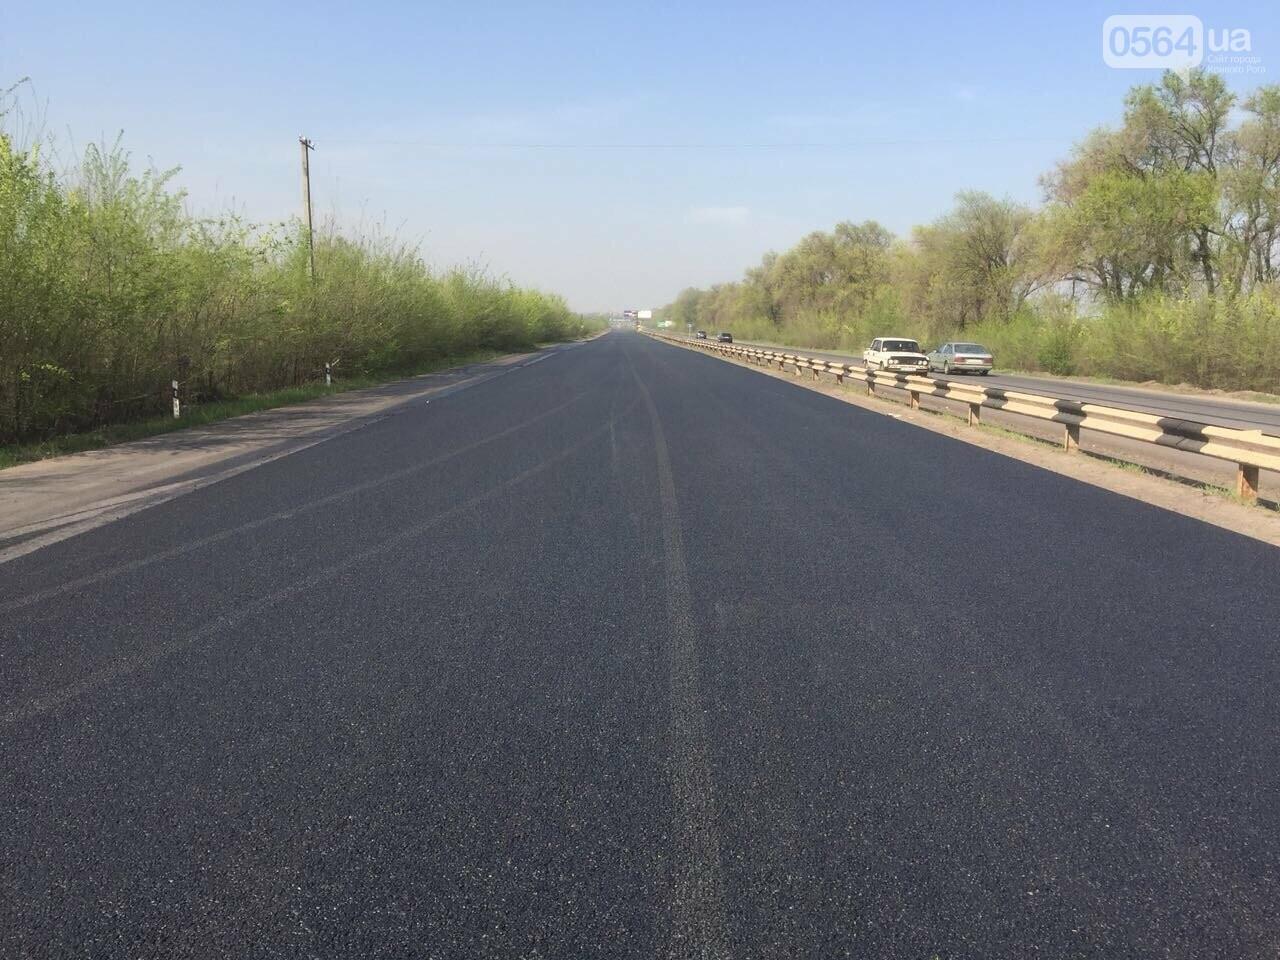 Водителей предупредили - под Кривым Рогом ремонтируют участок трассы Н-11, - ФОТО, фото-3